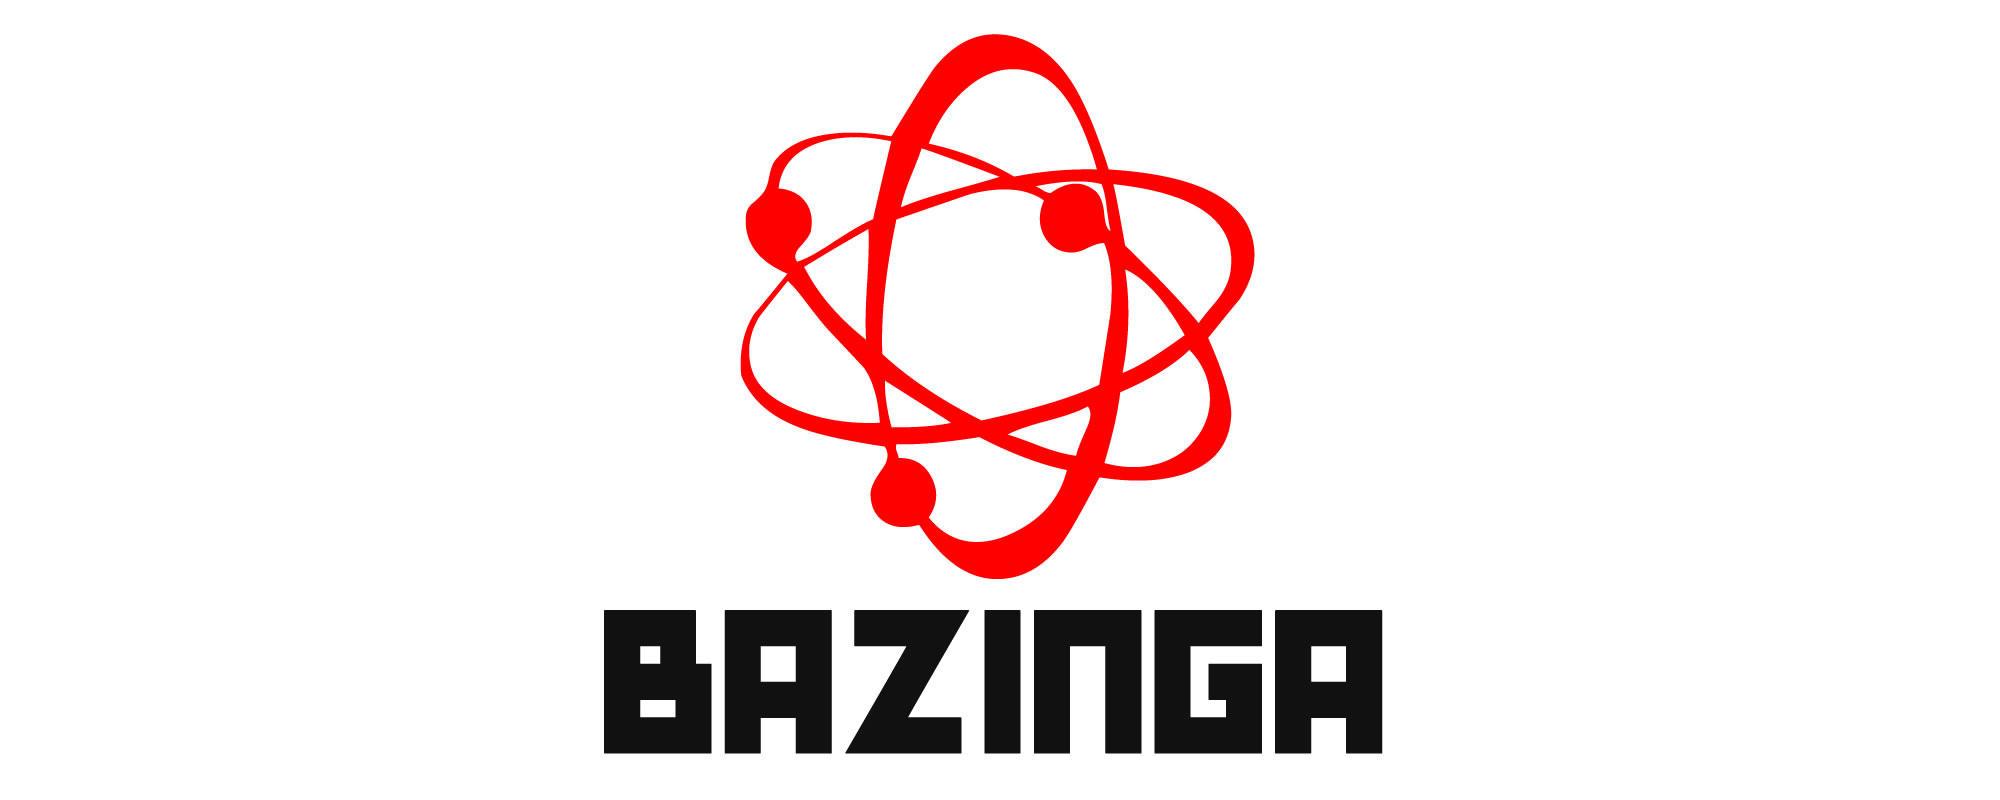 bazinga-atom.jpg